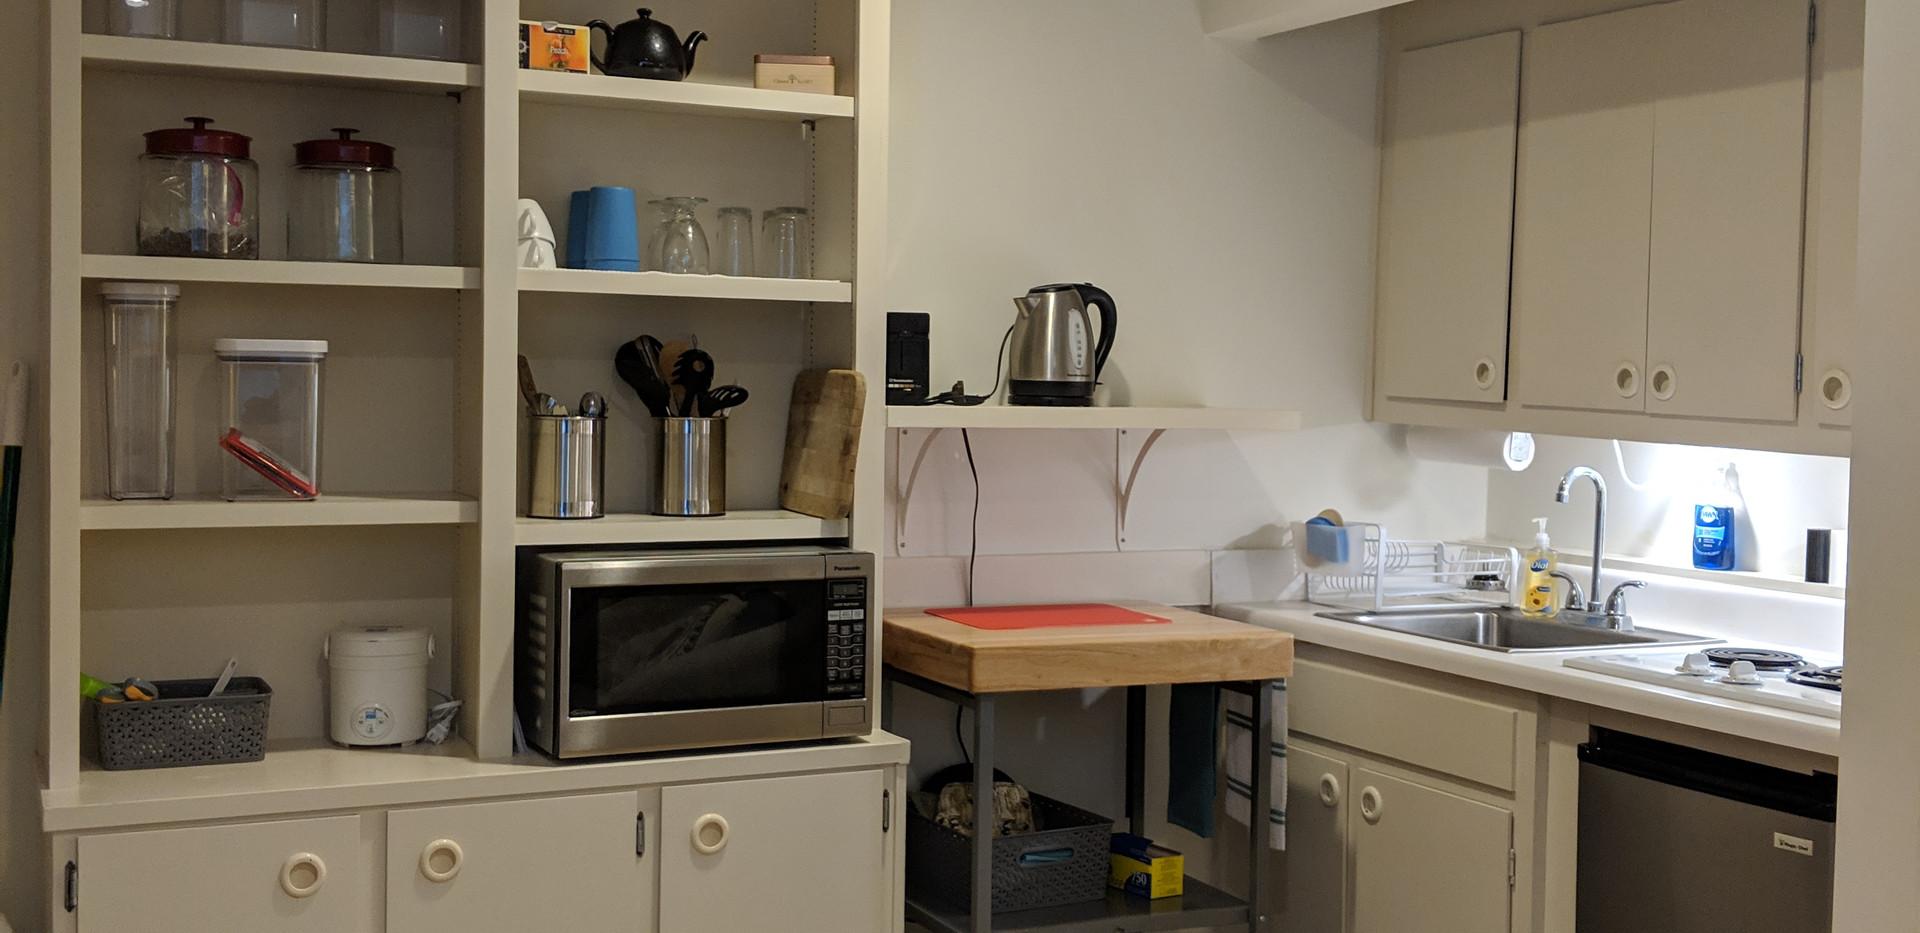 Downstairs Courtyard Kitchen